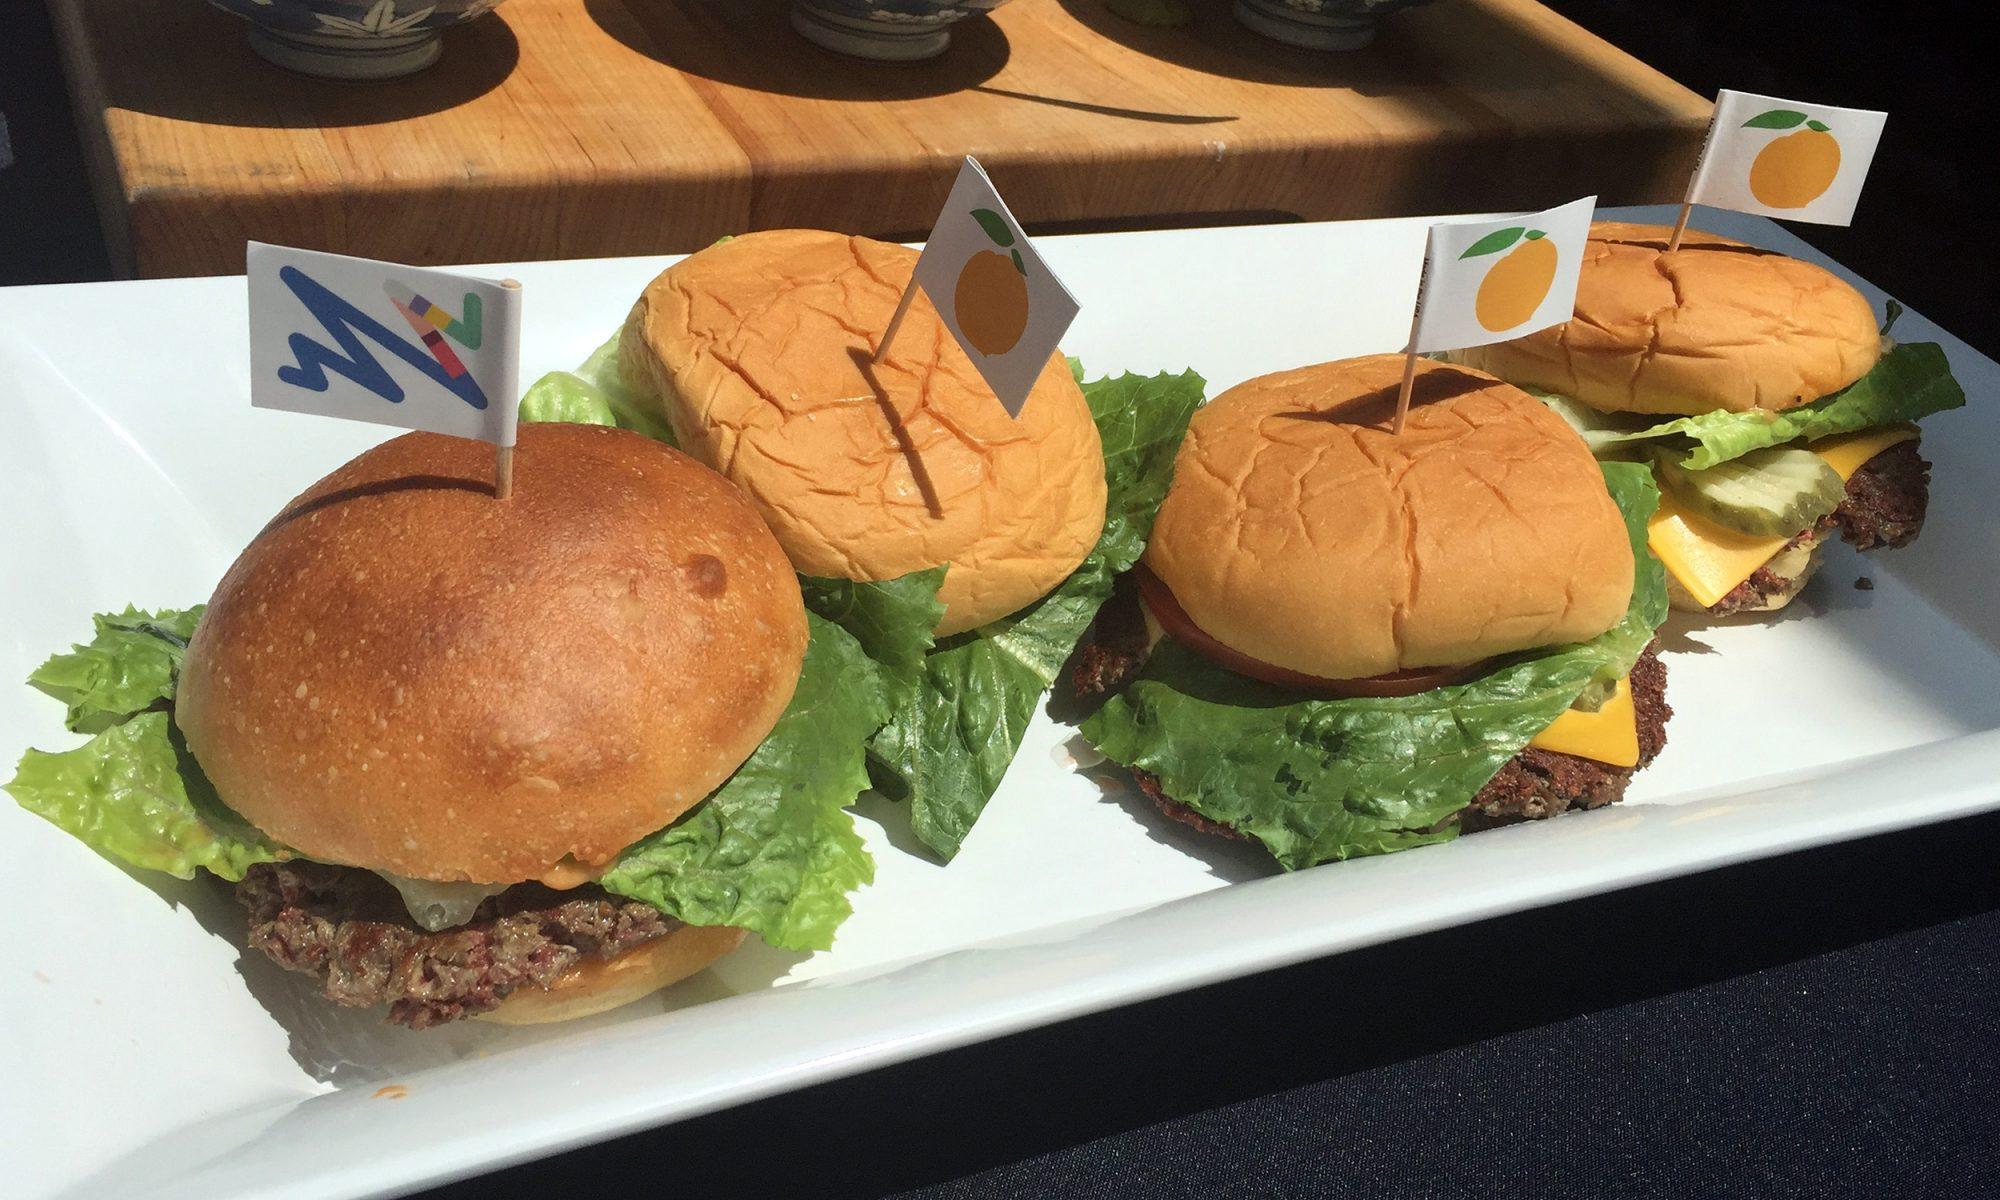 EC: The Vegan Burger at Momofuku Nishi Could Change Brunch Forever